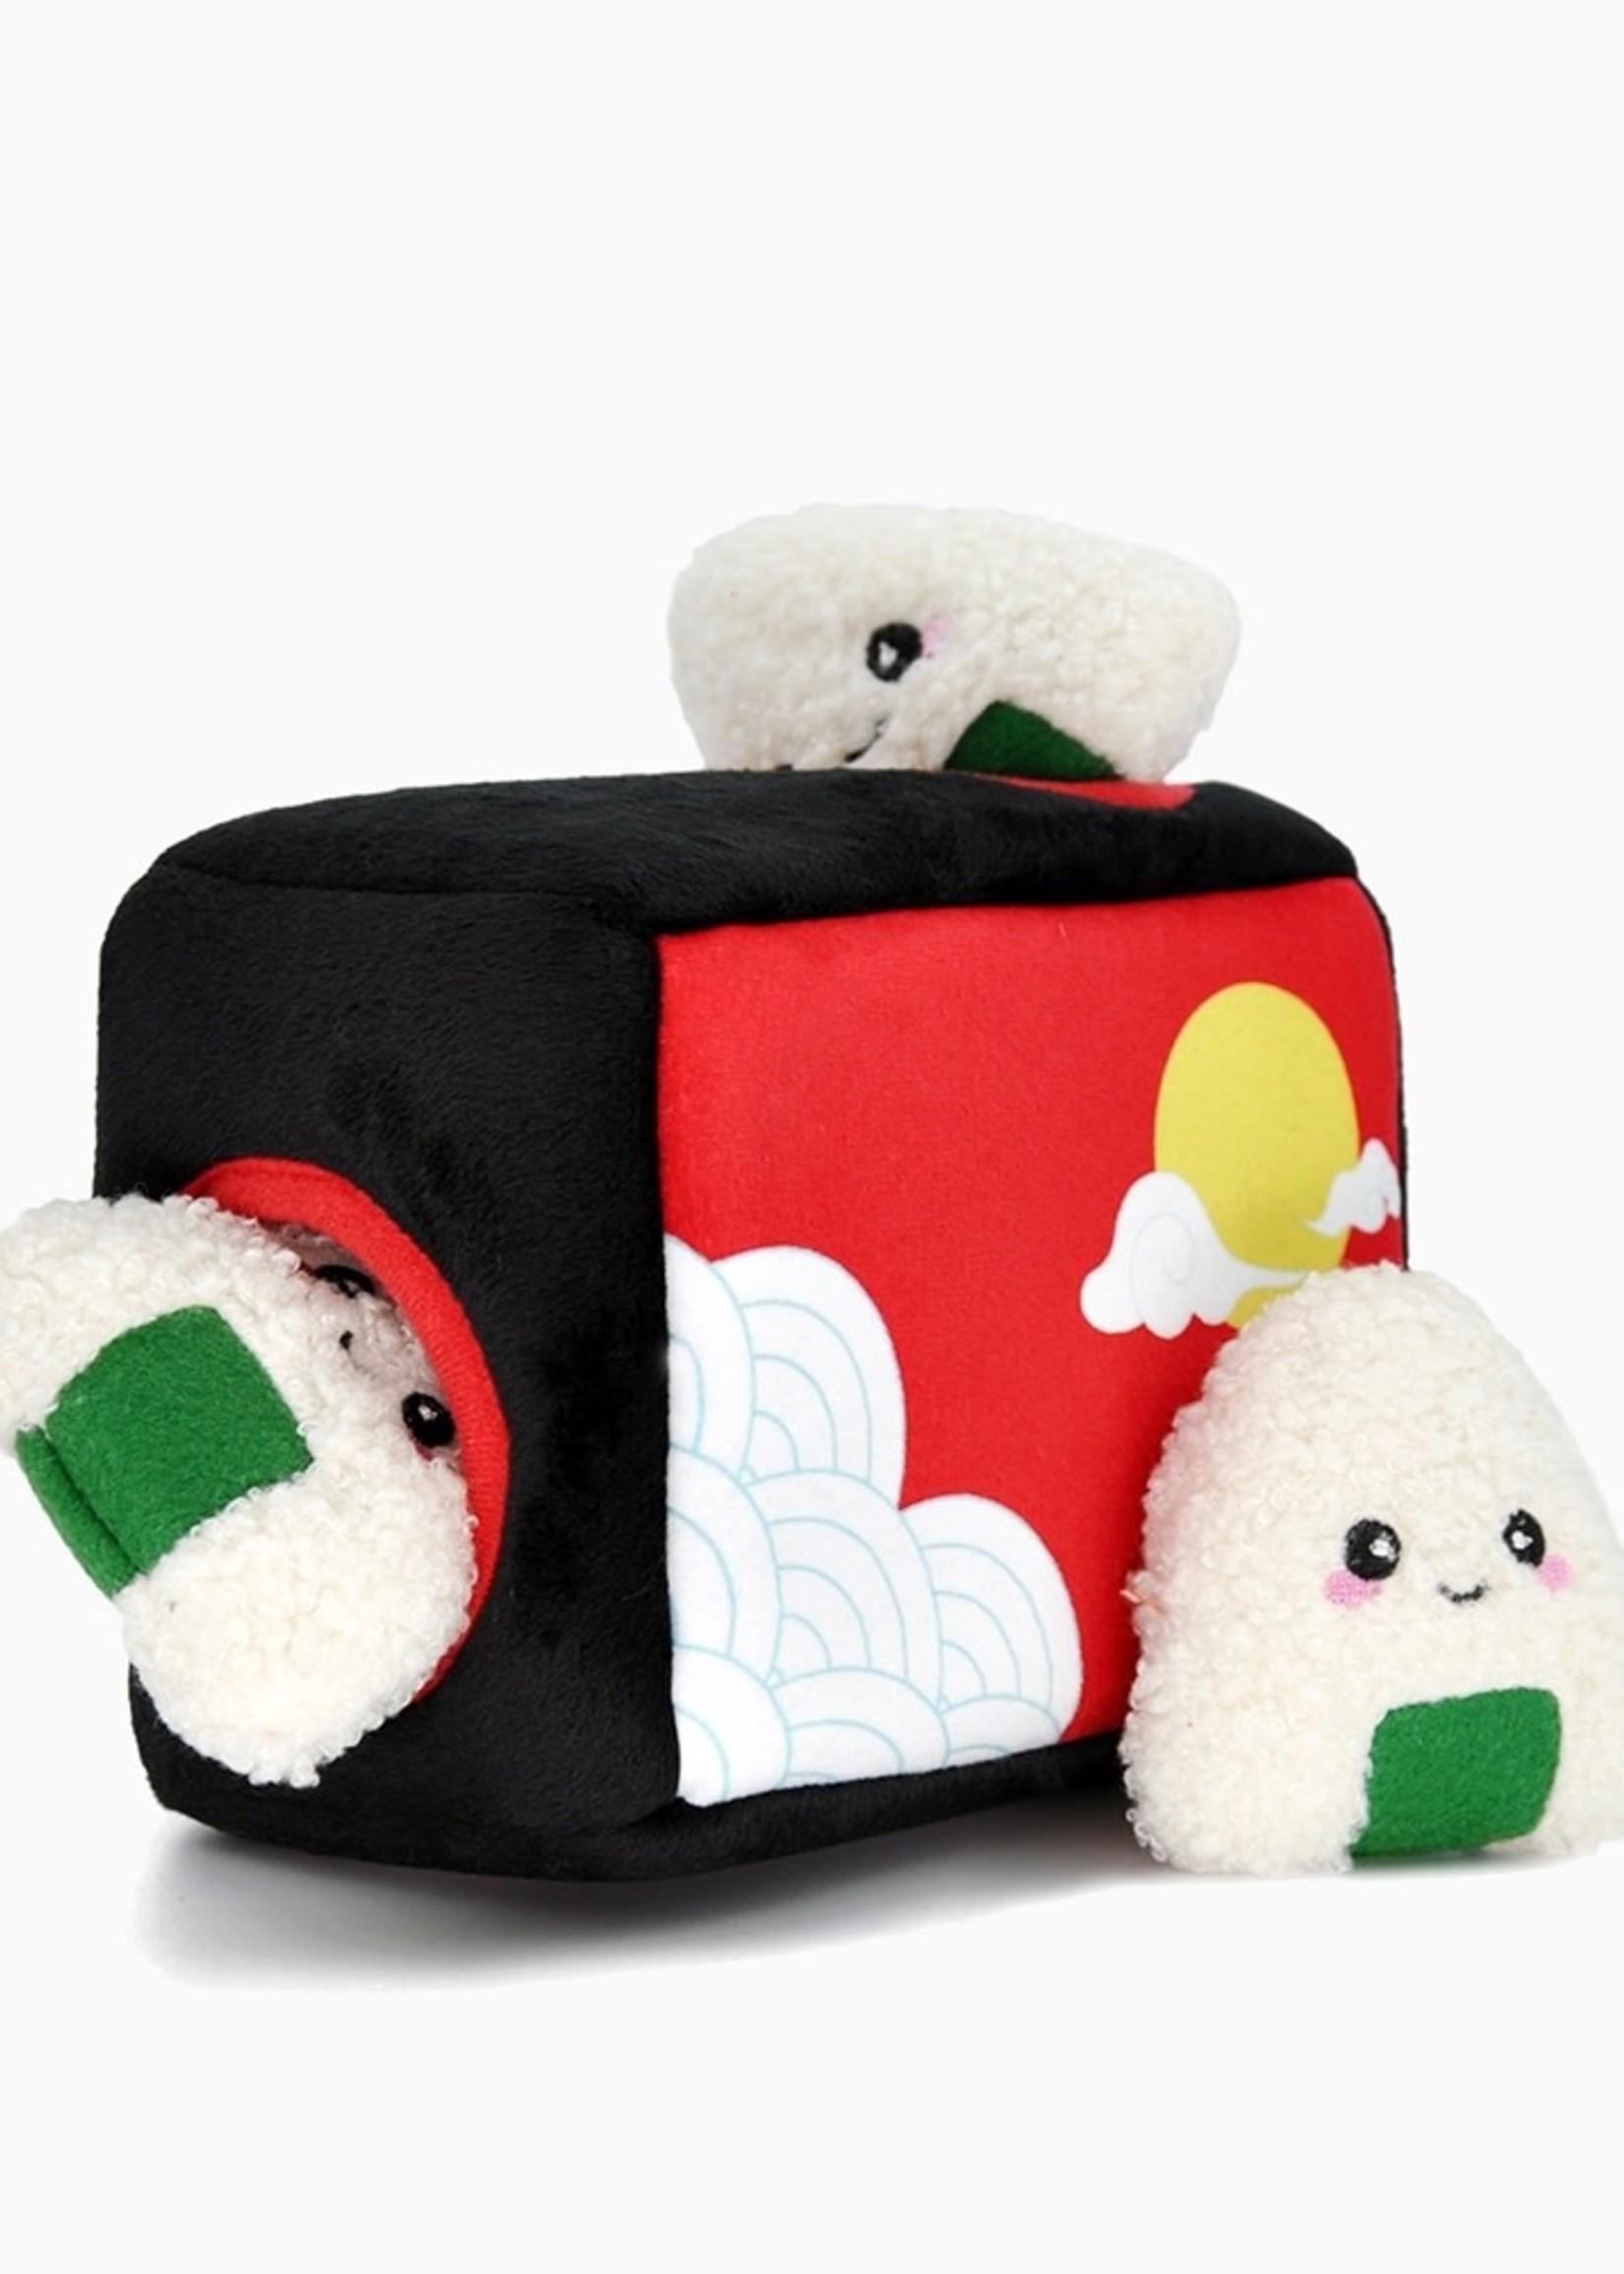 HUGSMART HUGSMART PET- BENTO BOX TOY